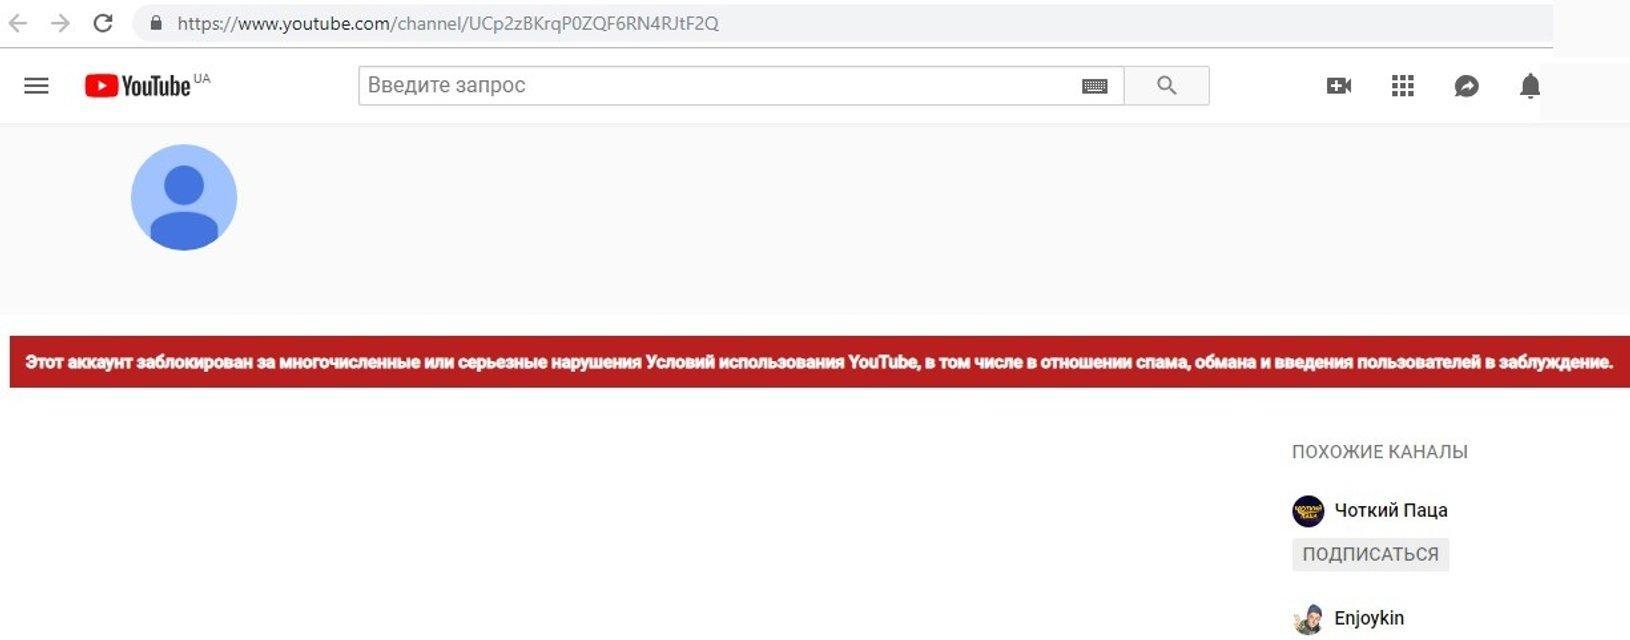 Вводил в заблуждение людей: Зеленского лишили Youtube - фото 176162